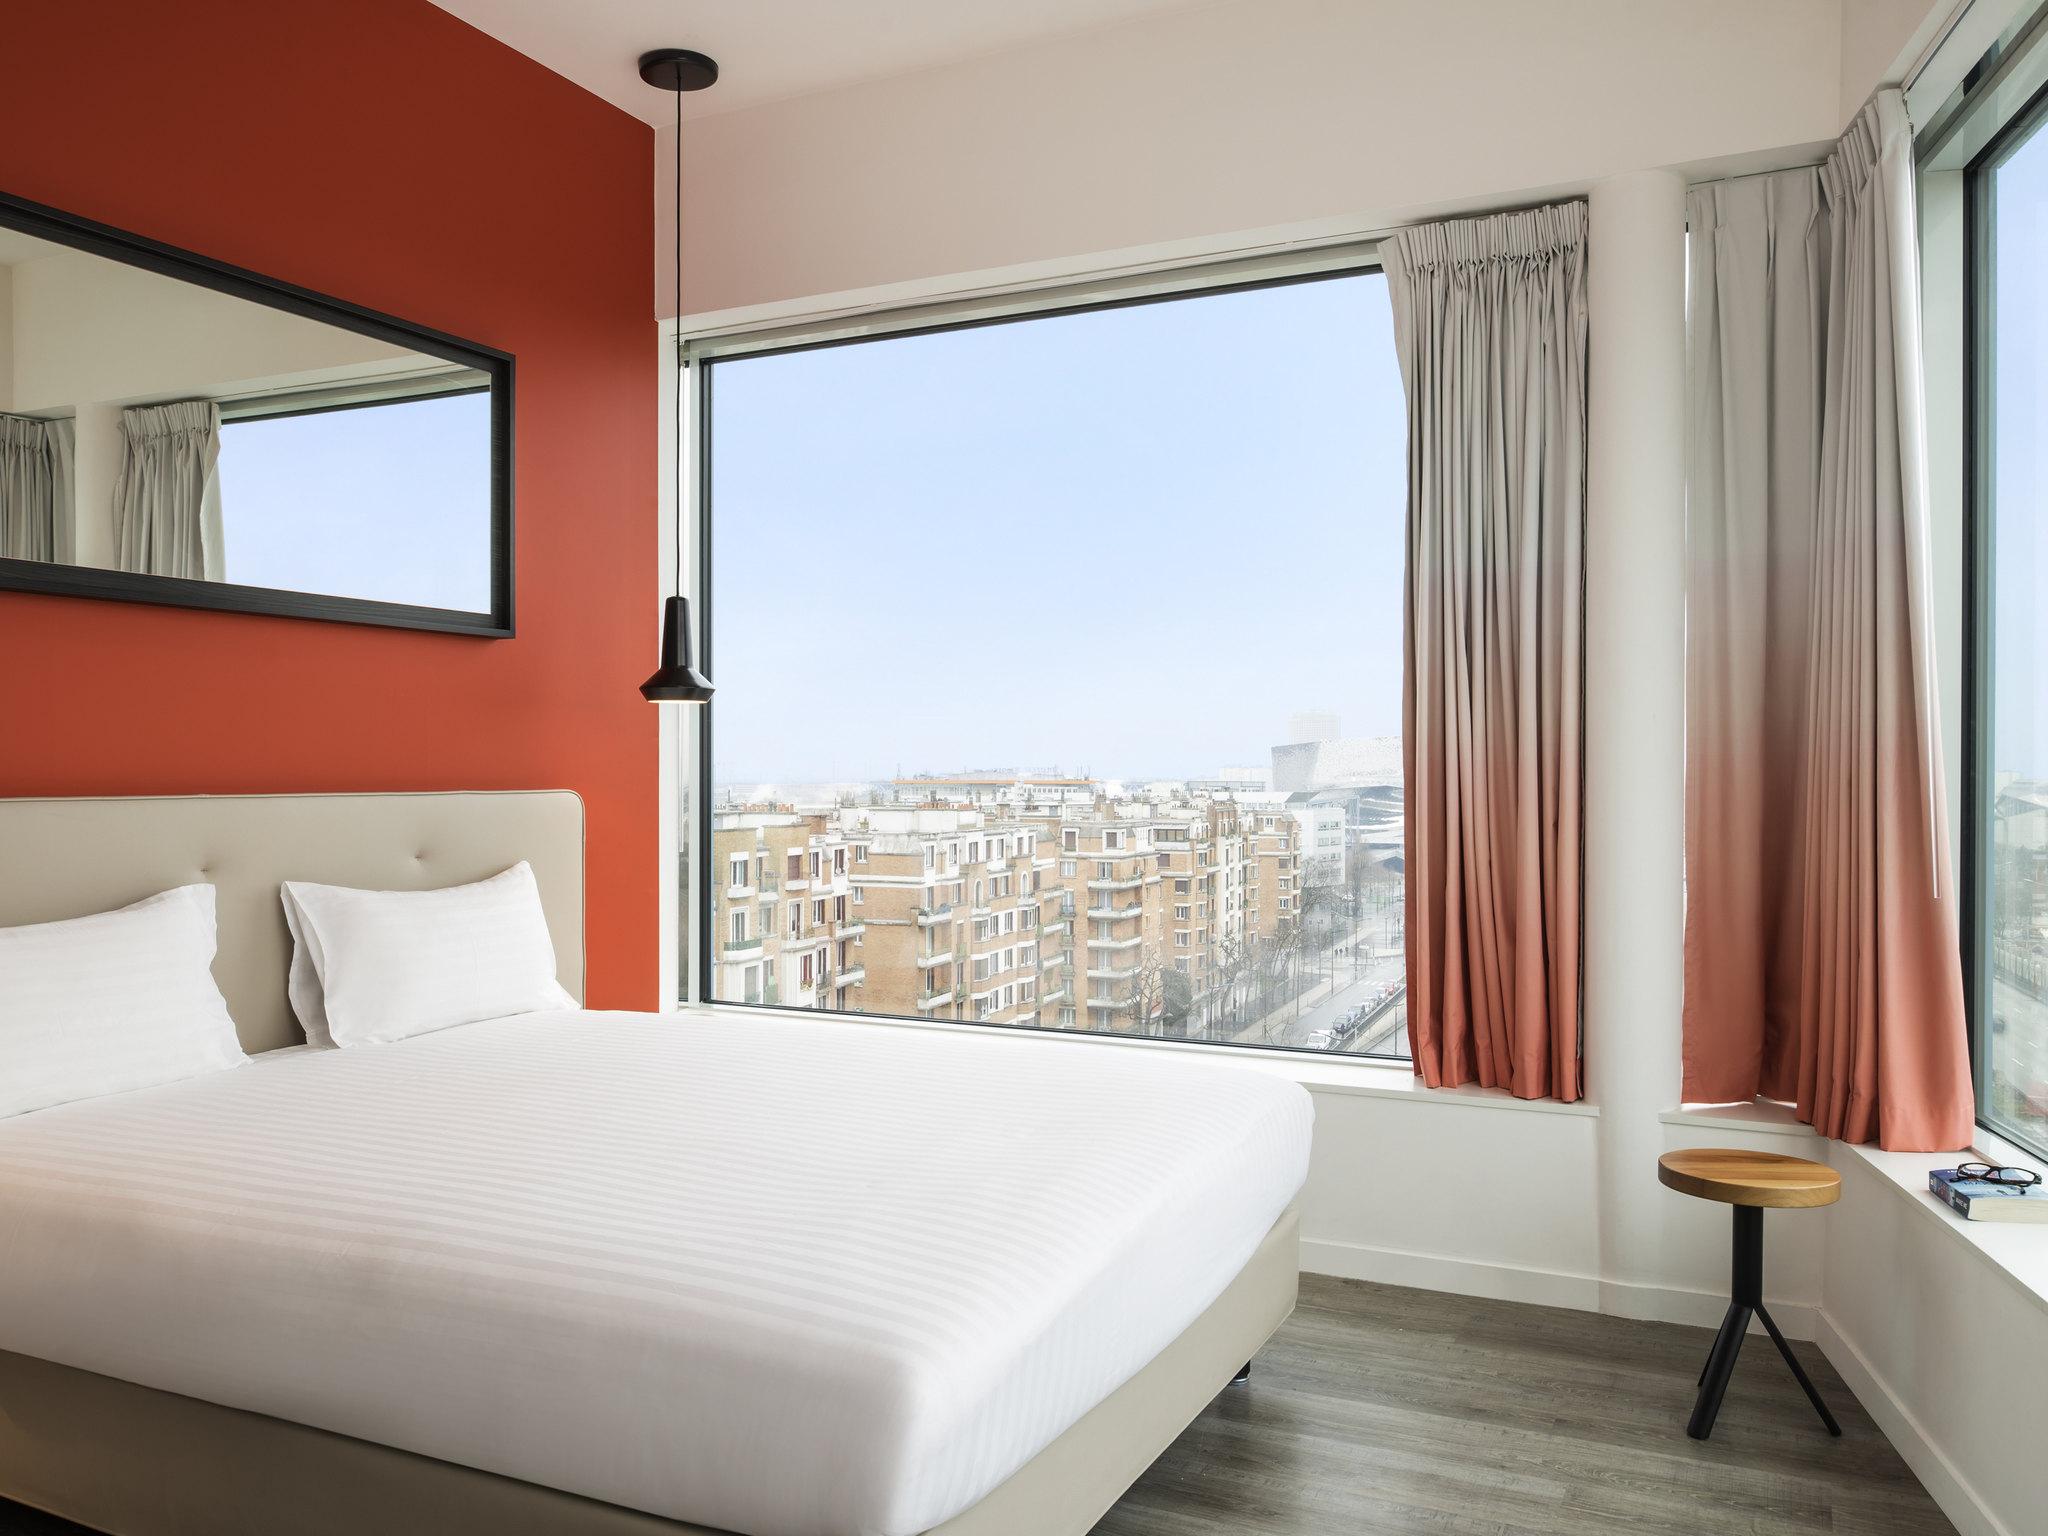 فندق - فندق هيبارك من أداجيو باريس لافيليت